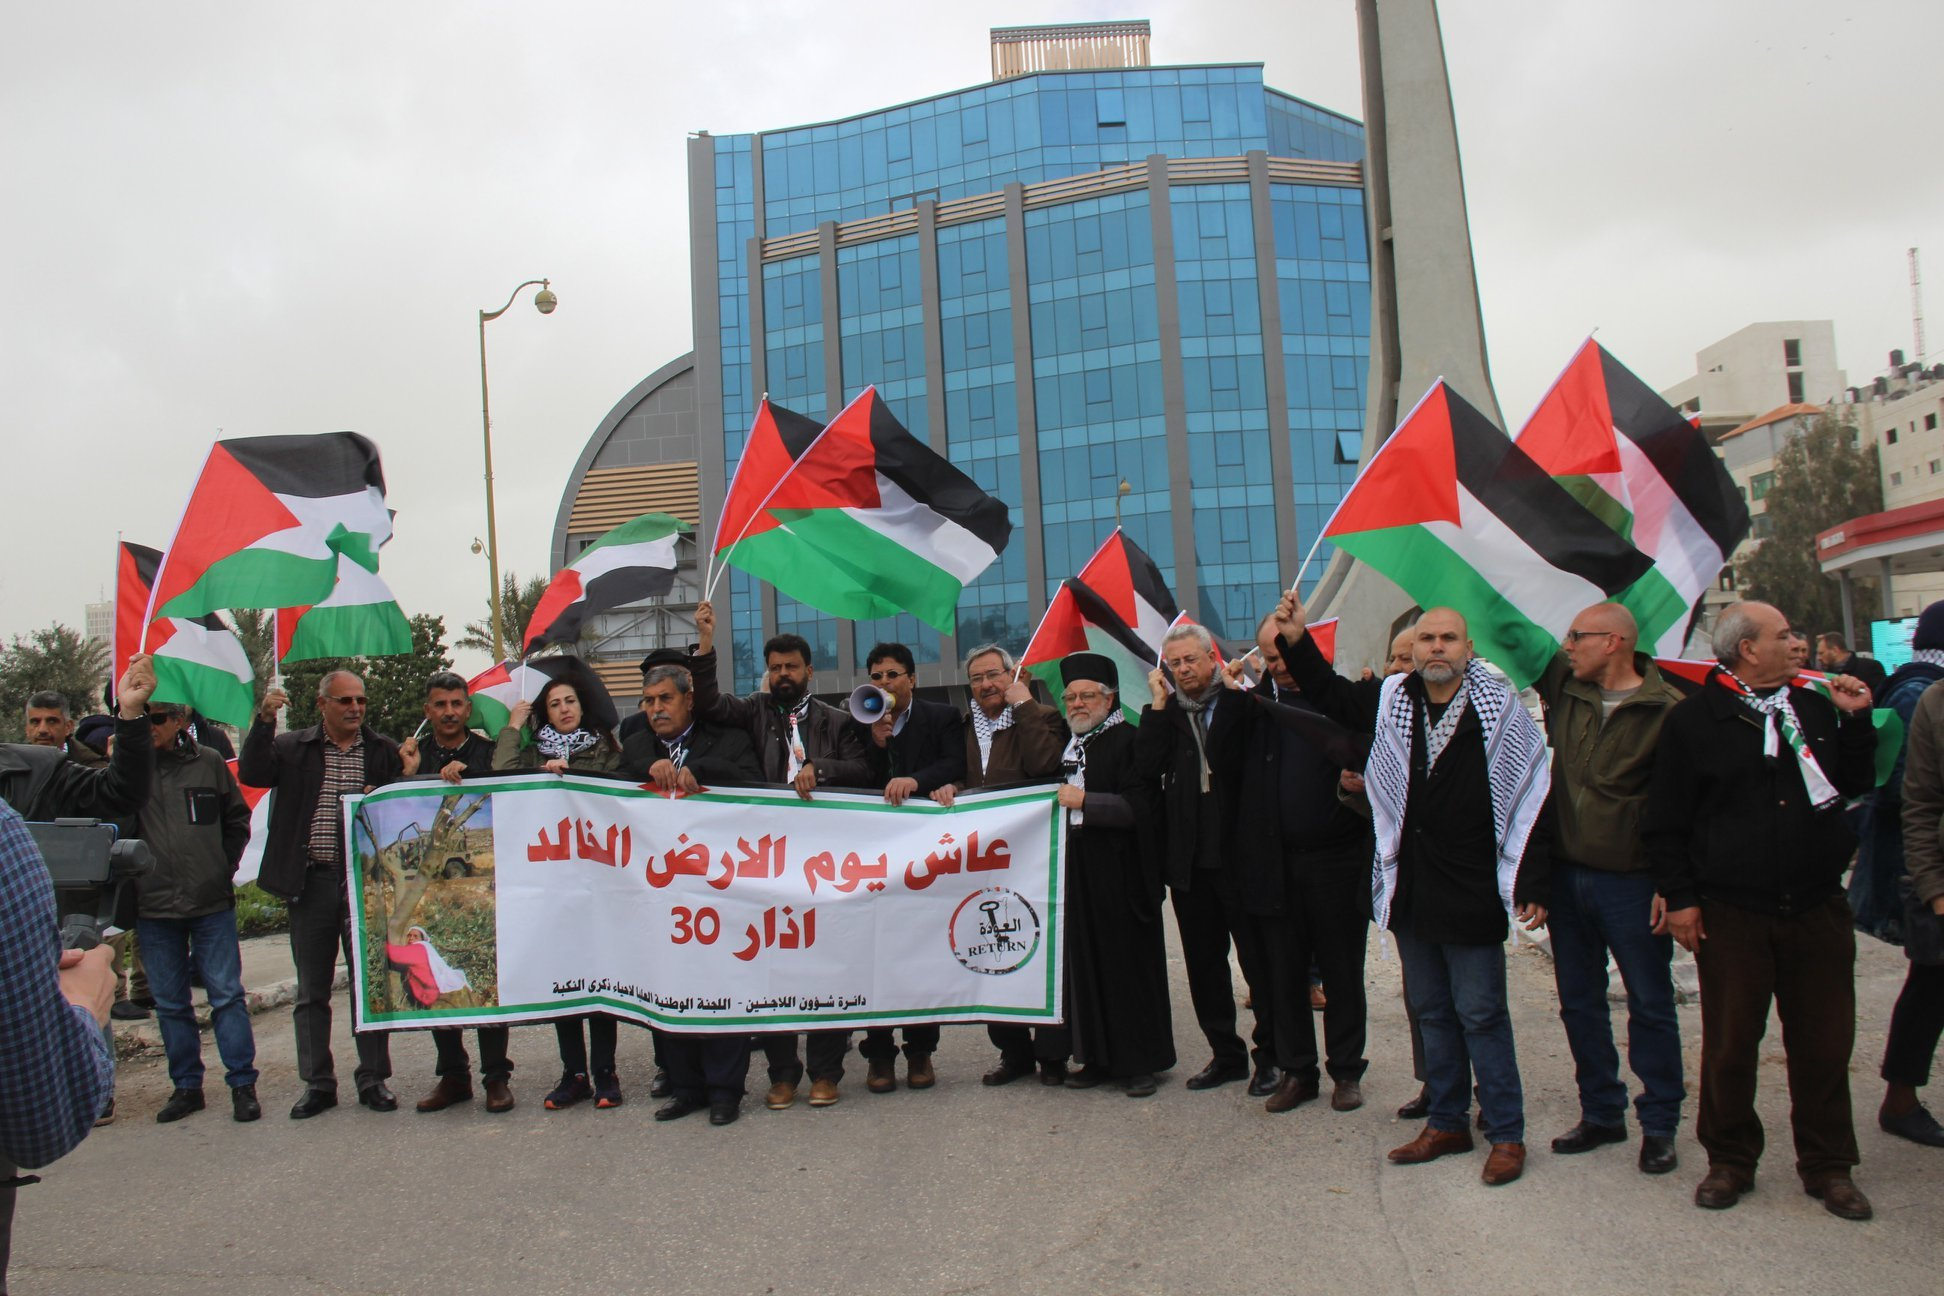 شهيدان ومئات الجرحى جراء قمع الاحتلال مسيرات يوم الأرض السلمية في الضفة وغزة